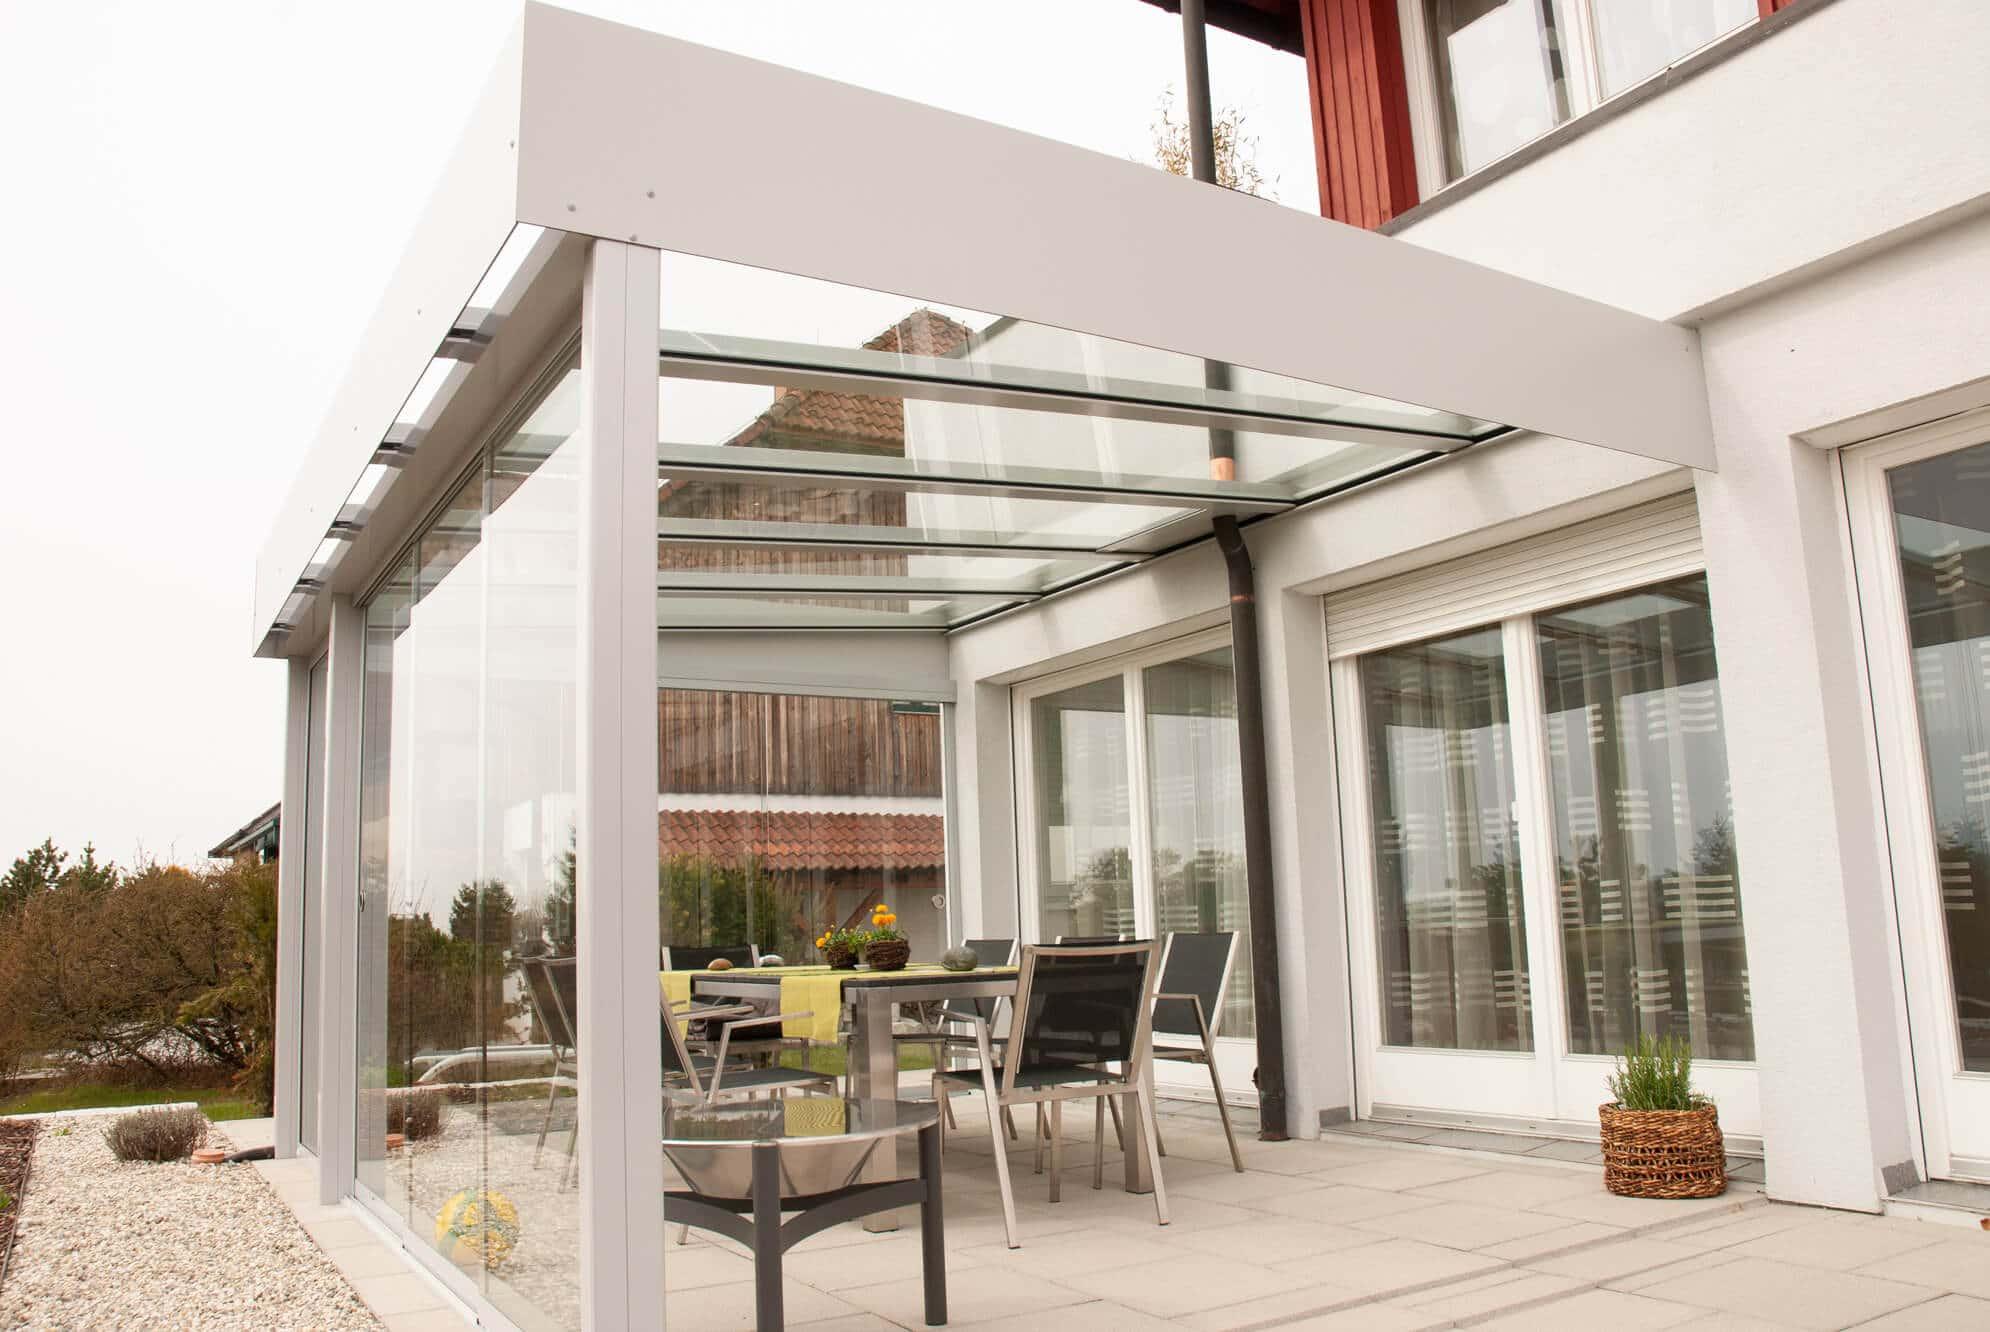 Terrassenüberdachung Schiebetür Glasschiebewand